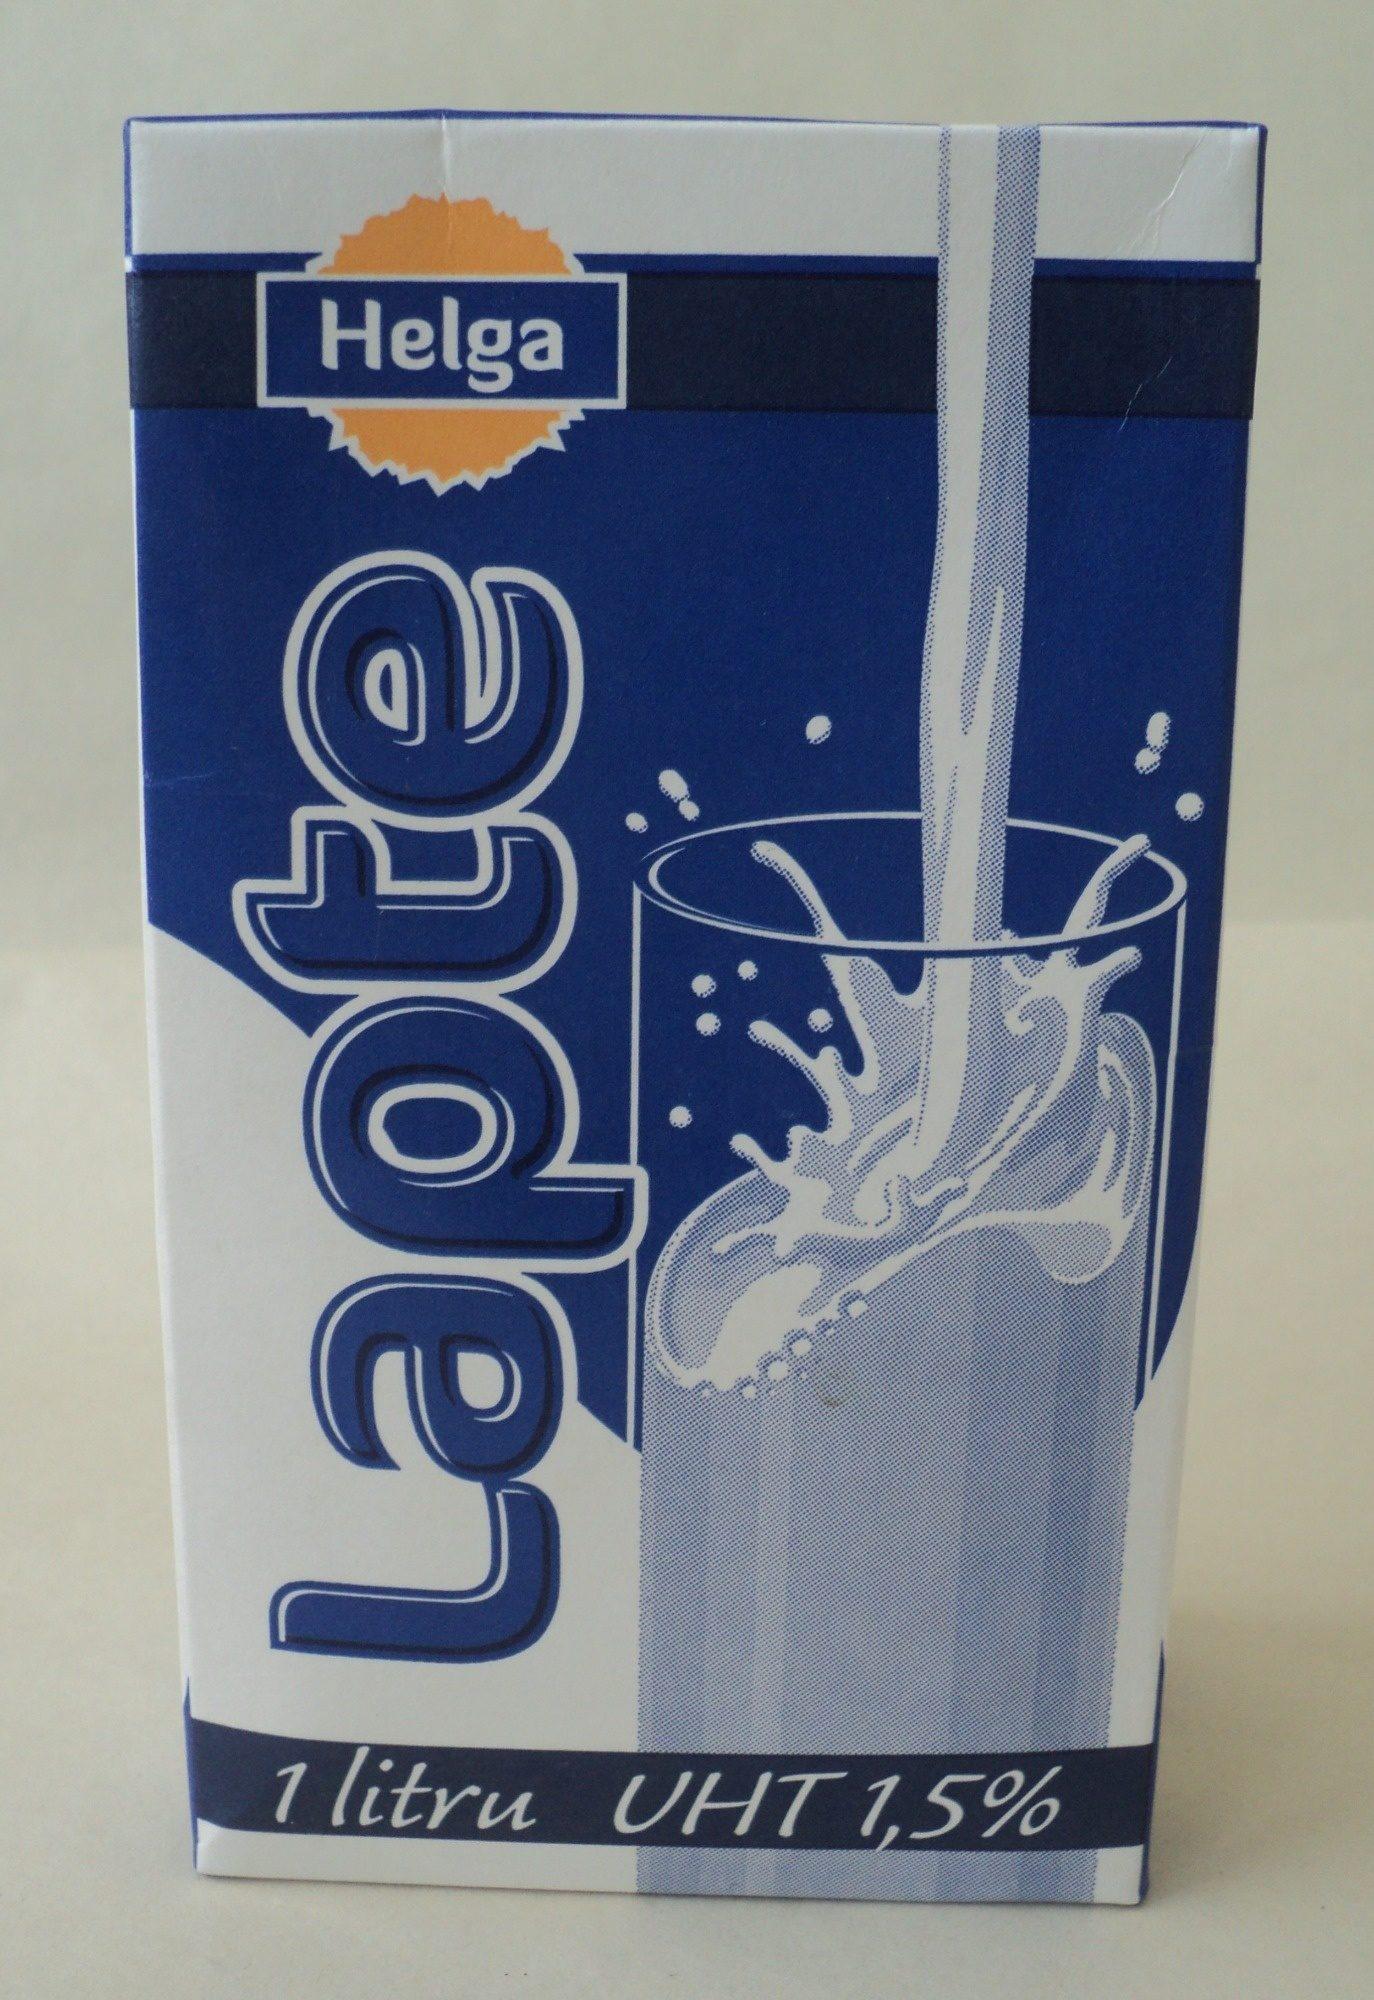 Helga Lapte UHT 1,5% - Product